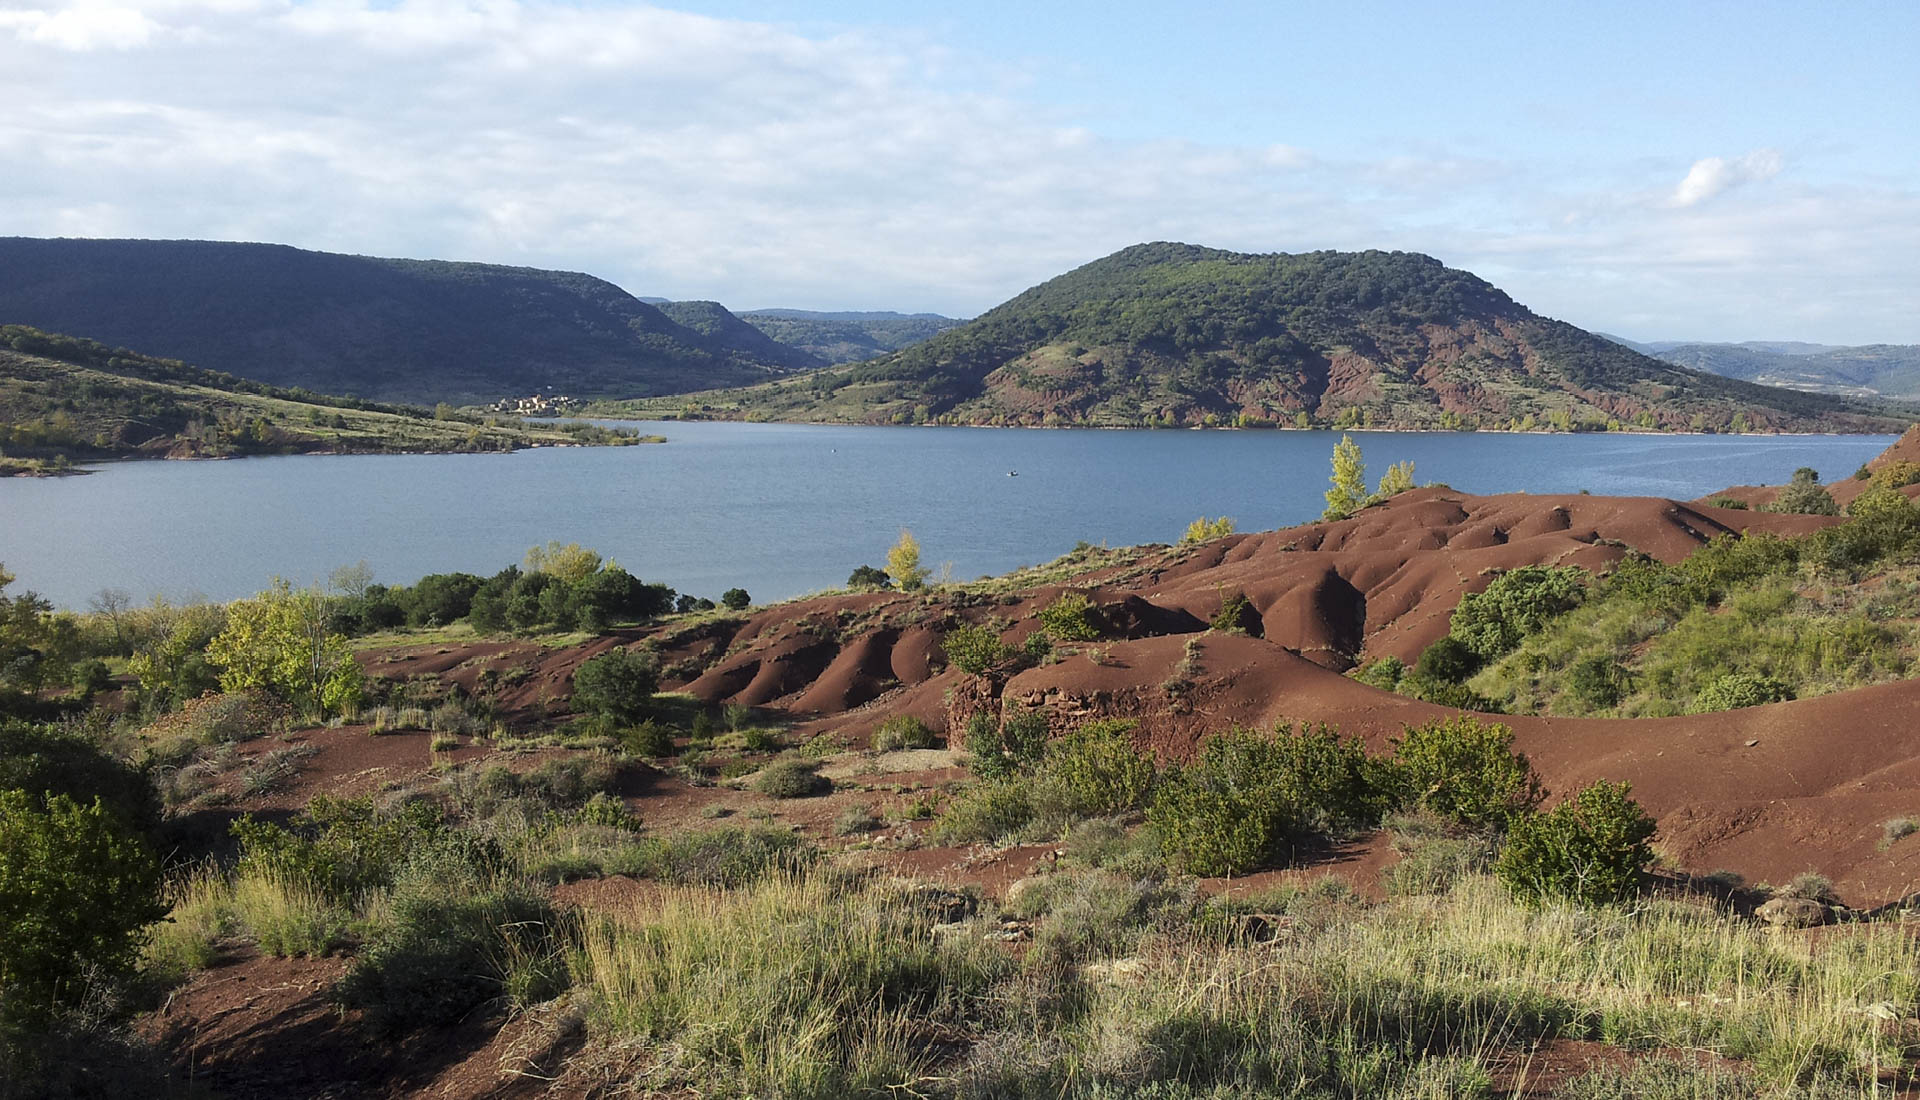 Lac de Salagou et sa ruffe rouge © C.Gauthier